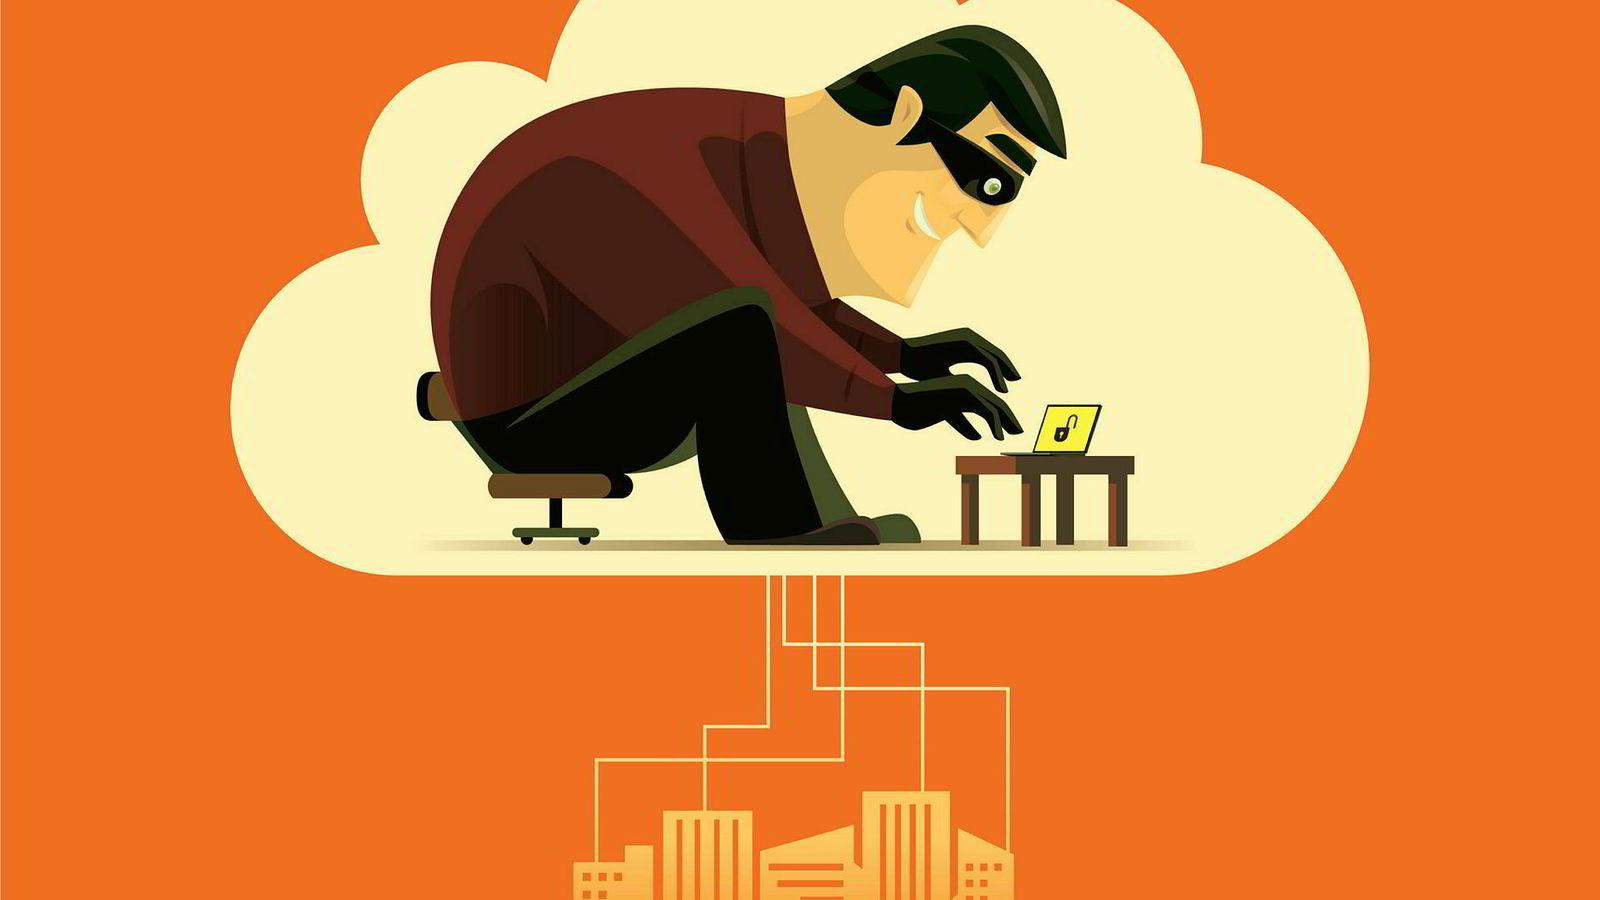 Så langt har ikke finansinstitusjoner eller infrastruktur i Norge eller internasjonalt blitt utsatt for cyberangrep med alvorlige og systemiske konsekvenser. Det hersker likevel ingen tvil om at vi må forberede oss på en slik situasjon.